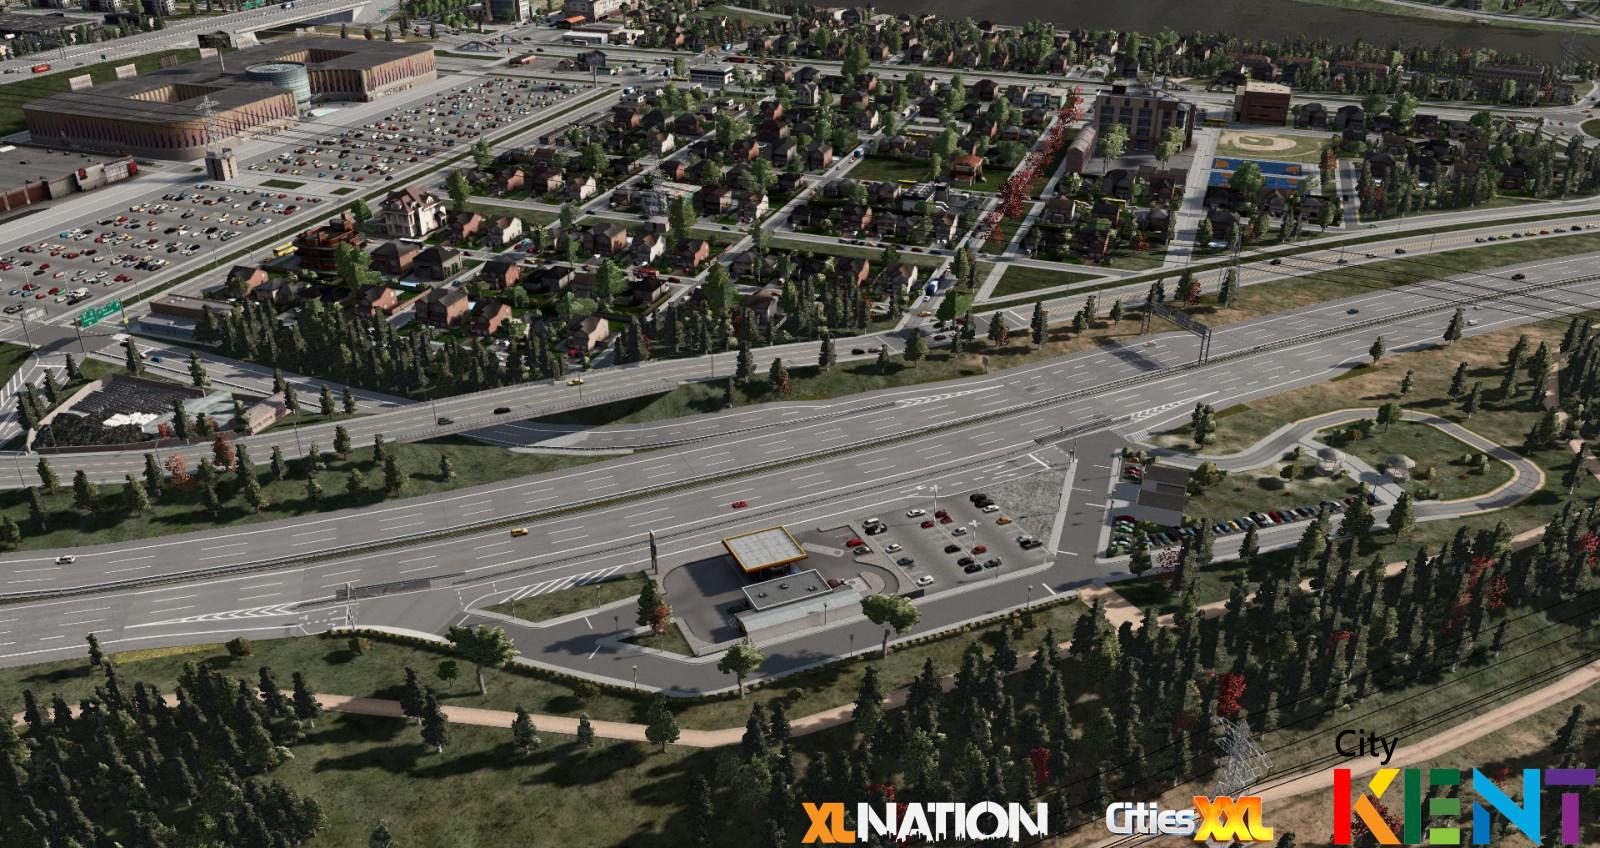 Pyne Point_KENT02_XLN_CitiesXXL.jpg